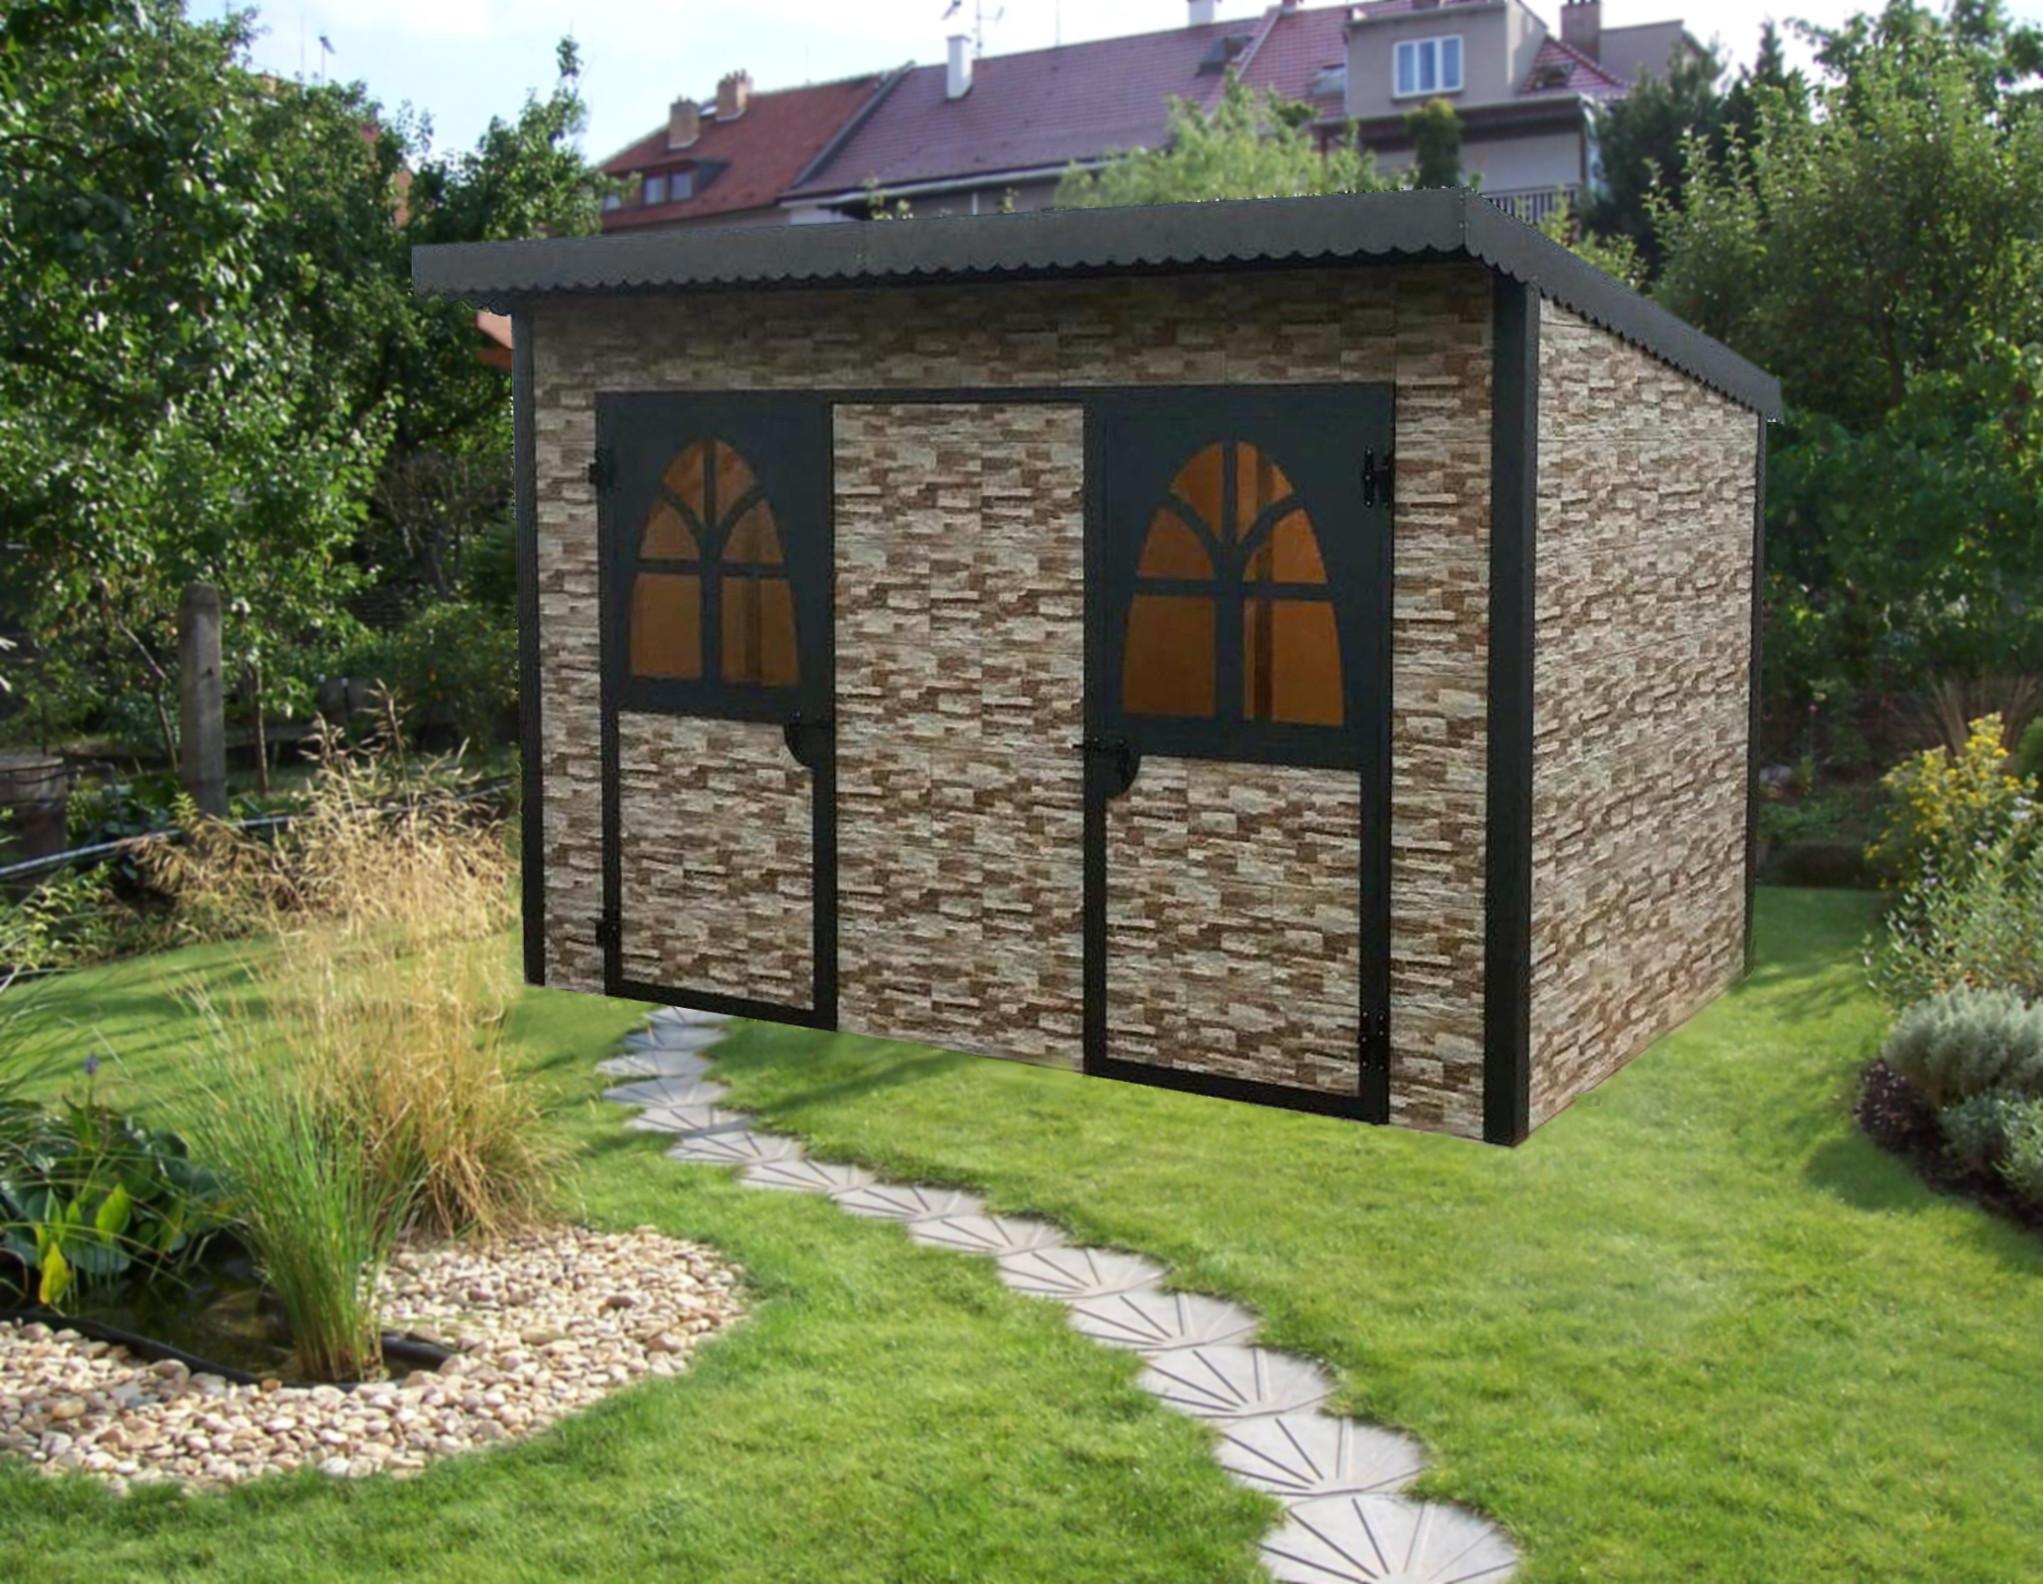 Casette in legno per il giardino